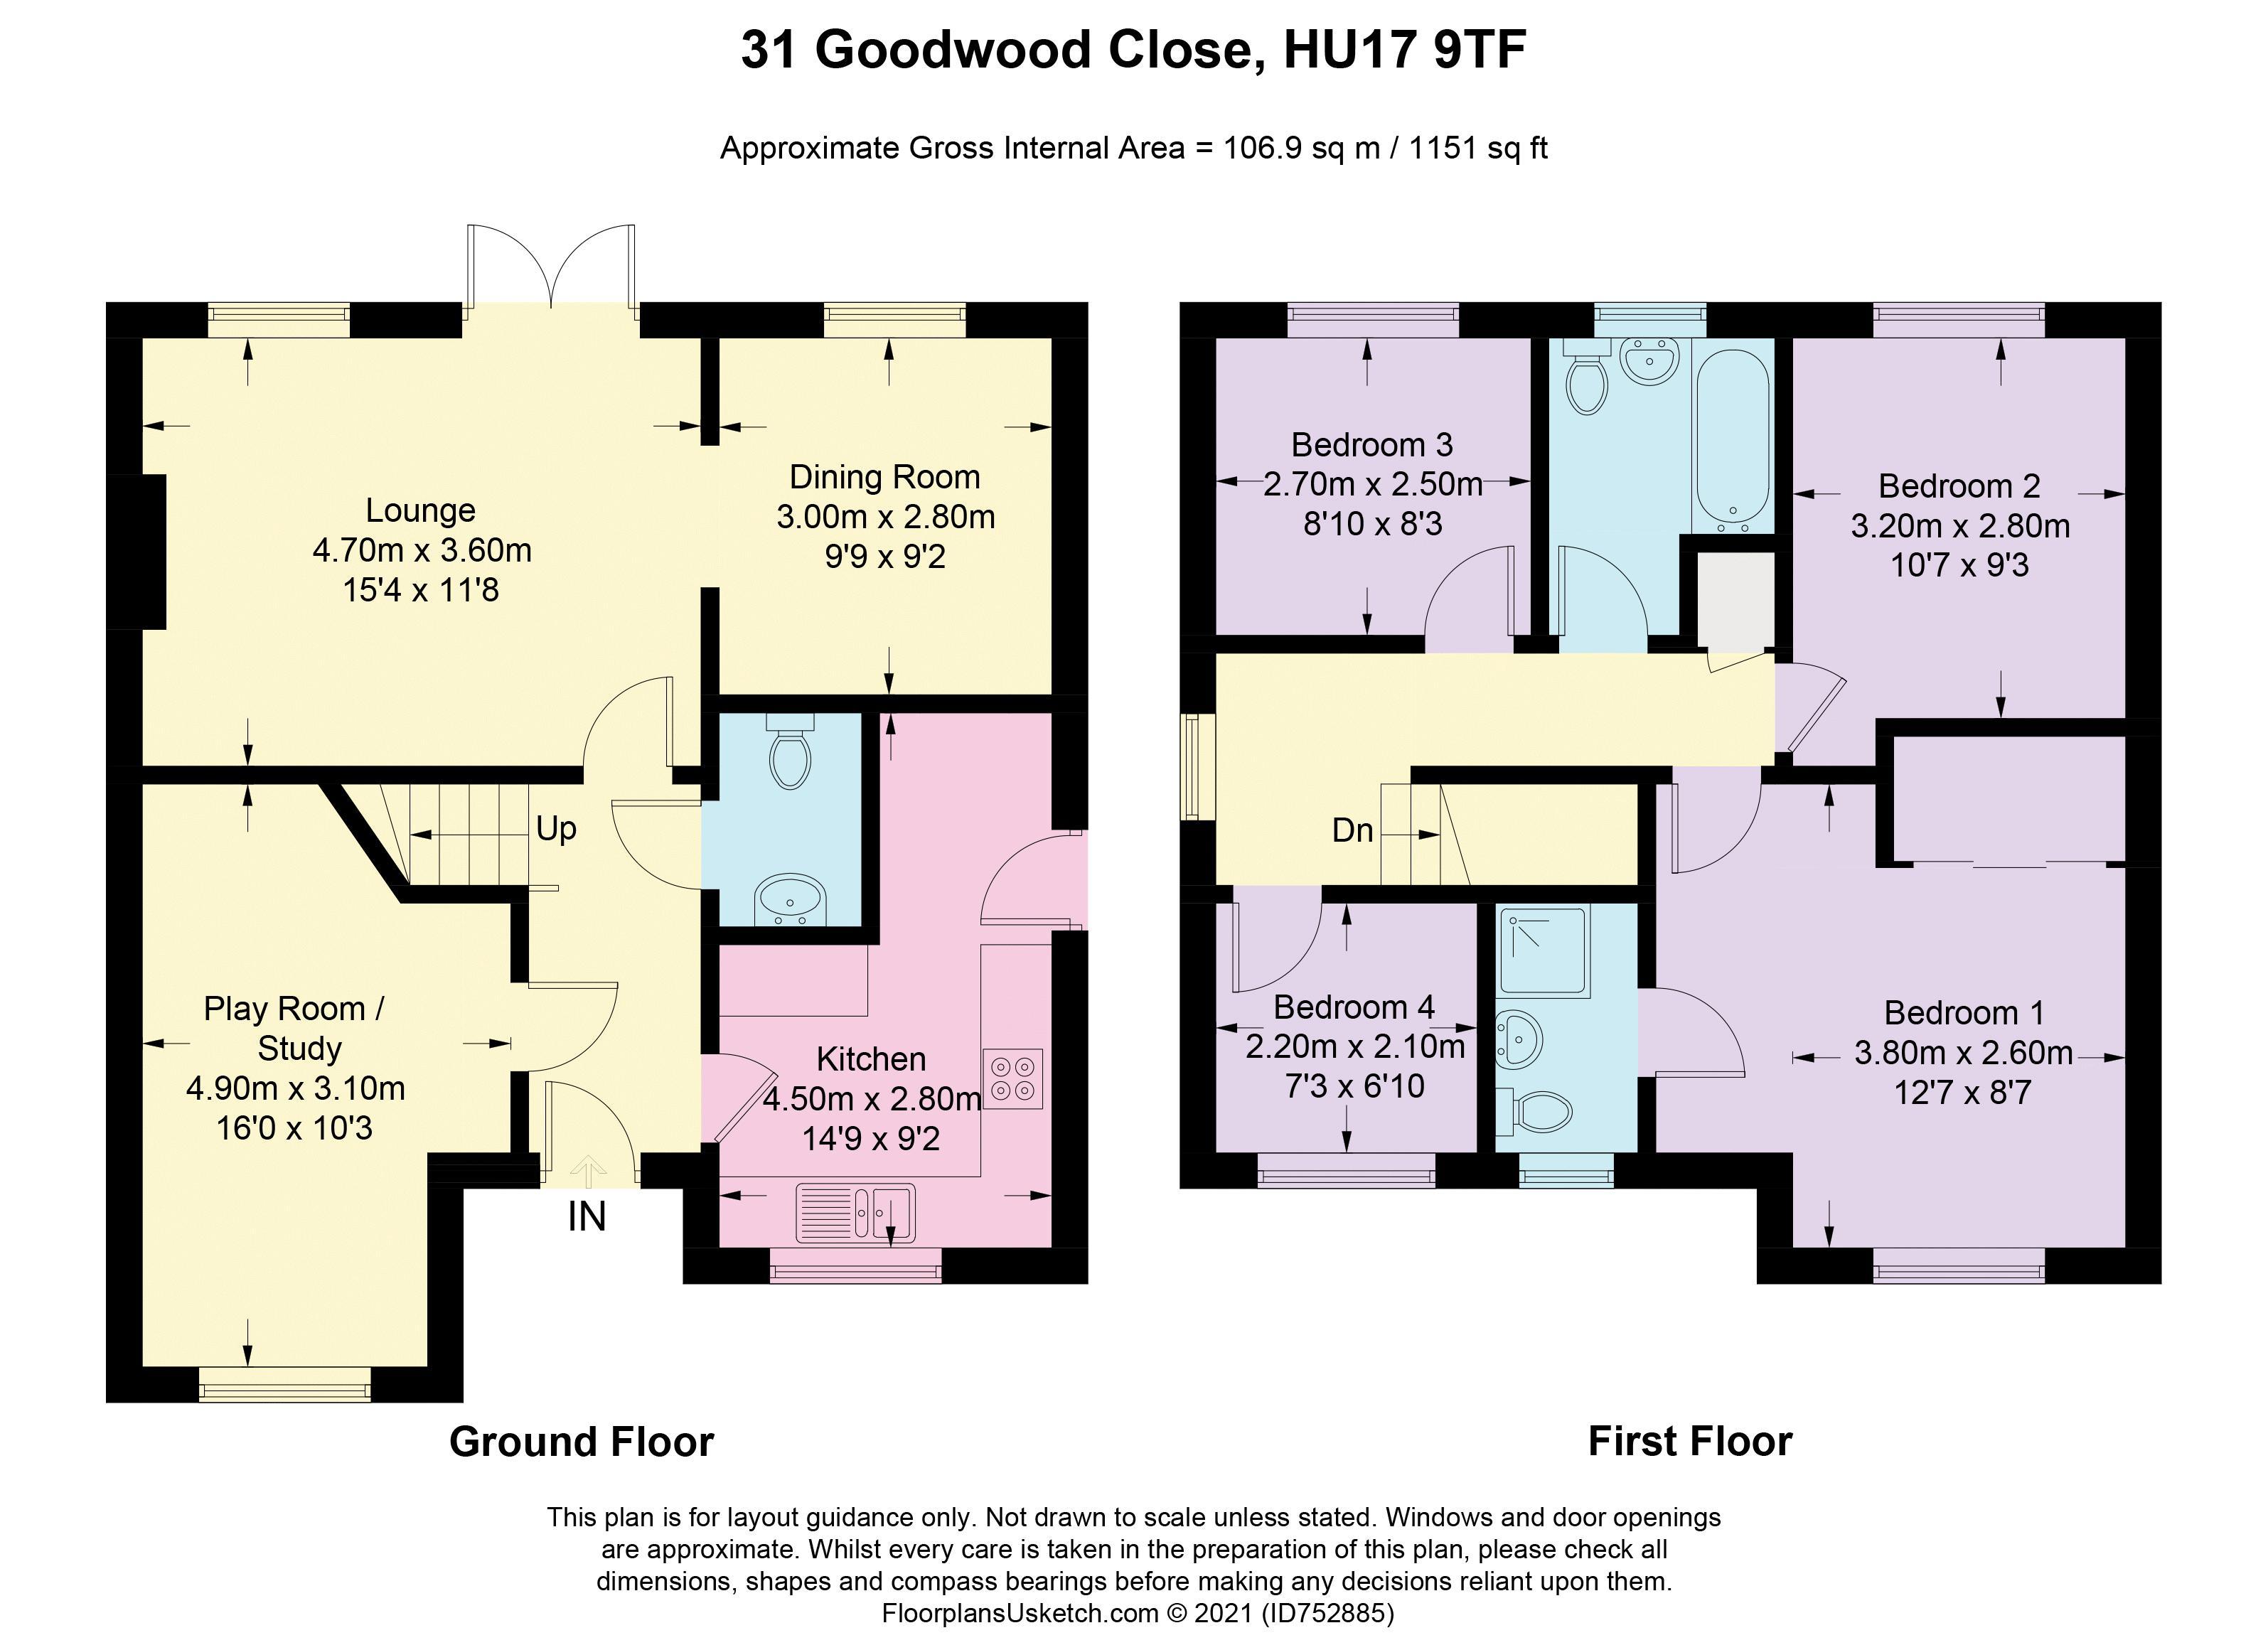 Goodwood Close